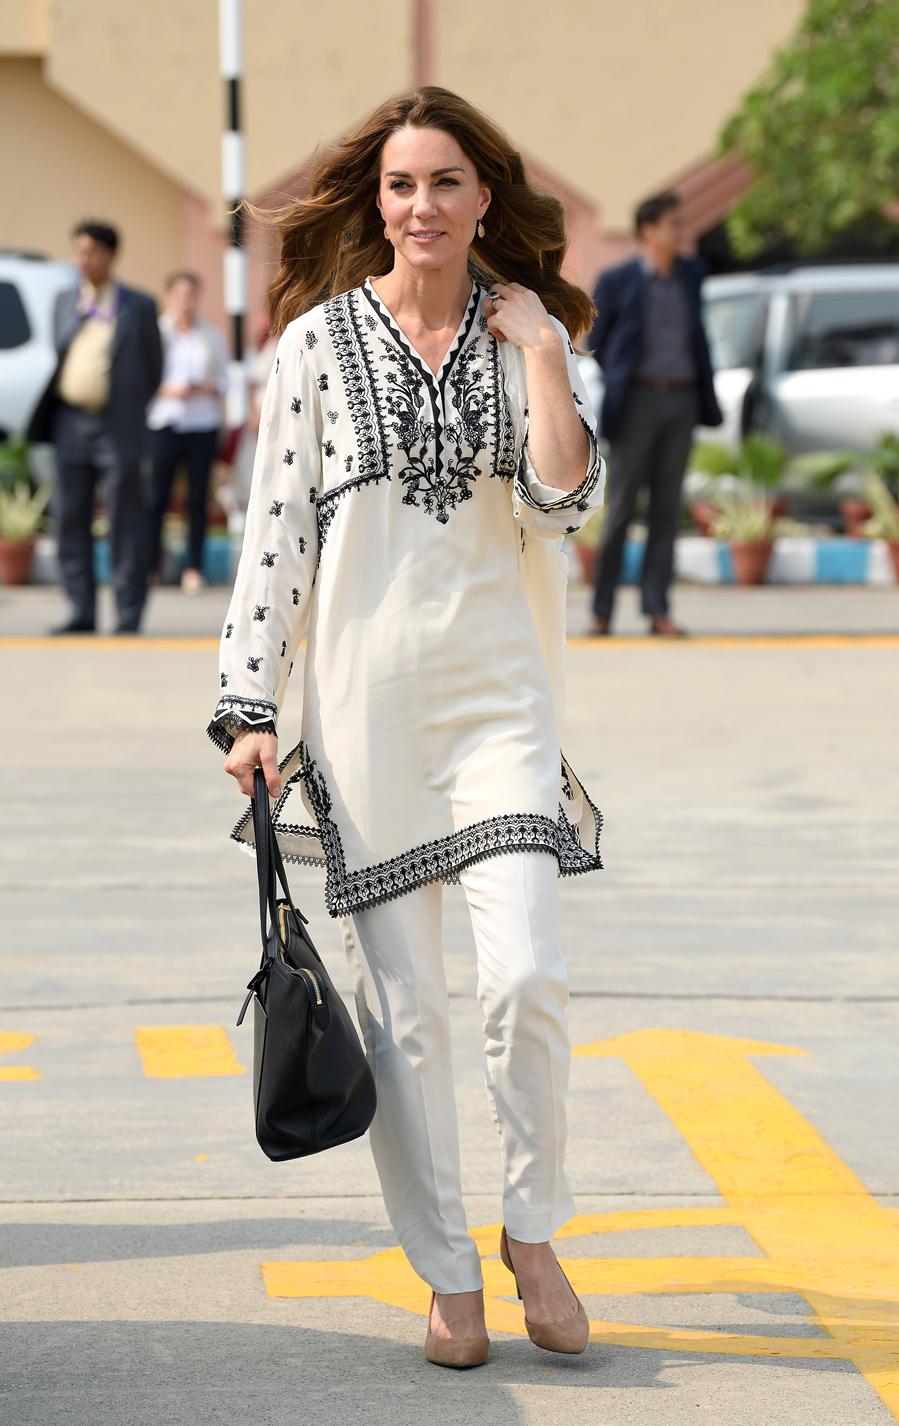 Kate Middleton y el príncipe Guillermo en su visita oficial a Pakistán - Los duques de Cambridge en el aeropuerto de Lahore